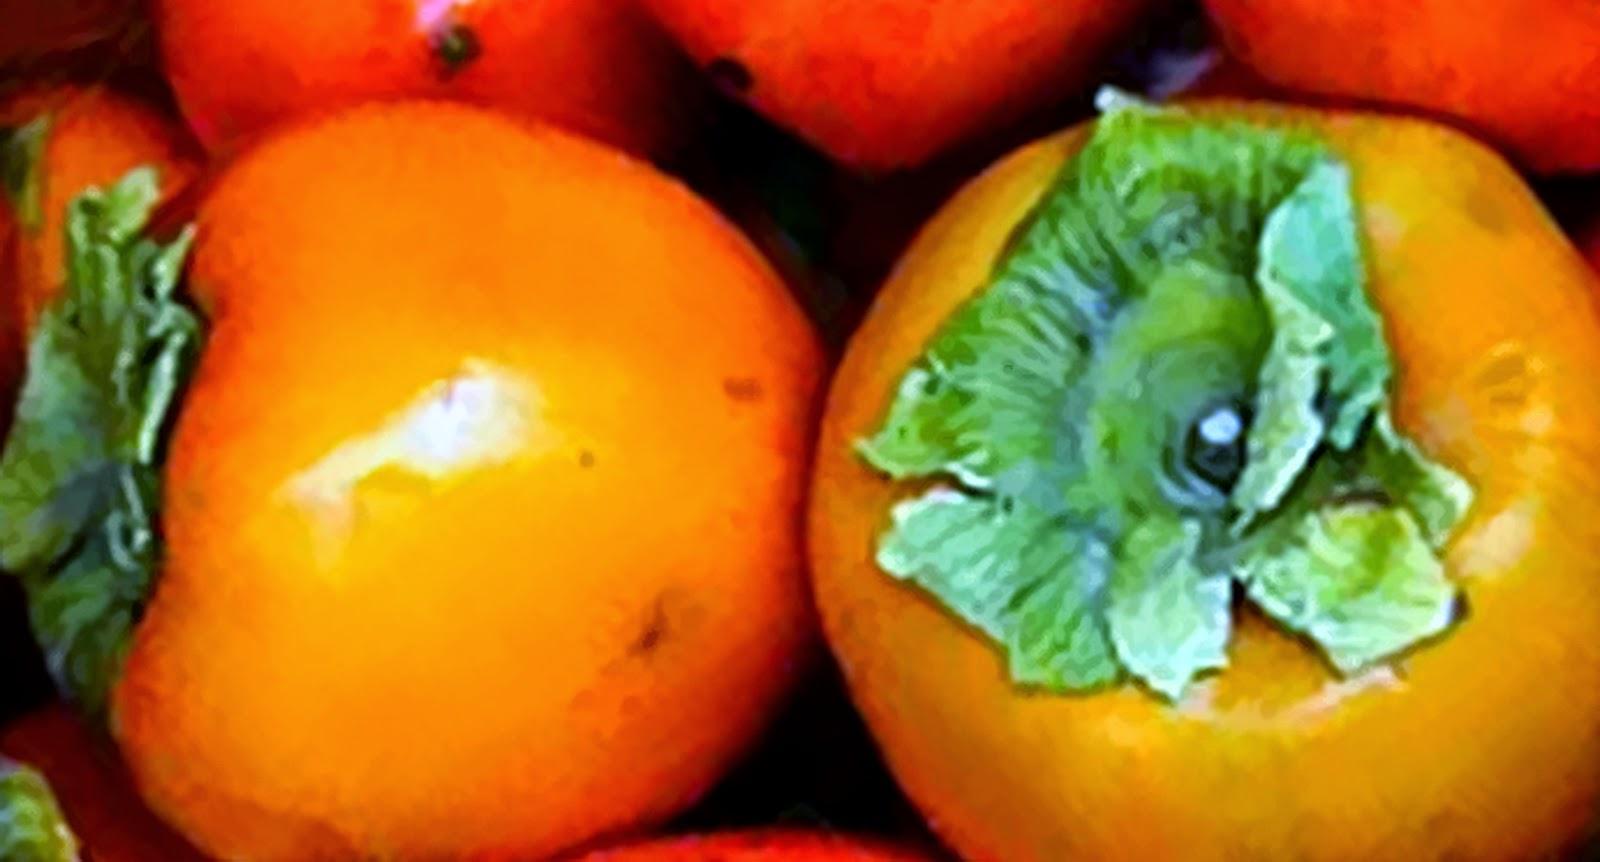 Manfaat-Buah-Kesemek-Bagi-Kesehatan-Tubuh-Ibu-Hamil-dan-Diet